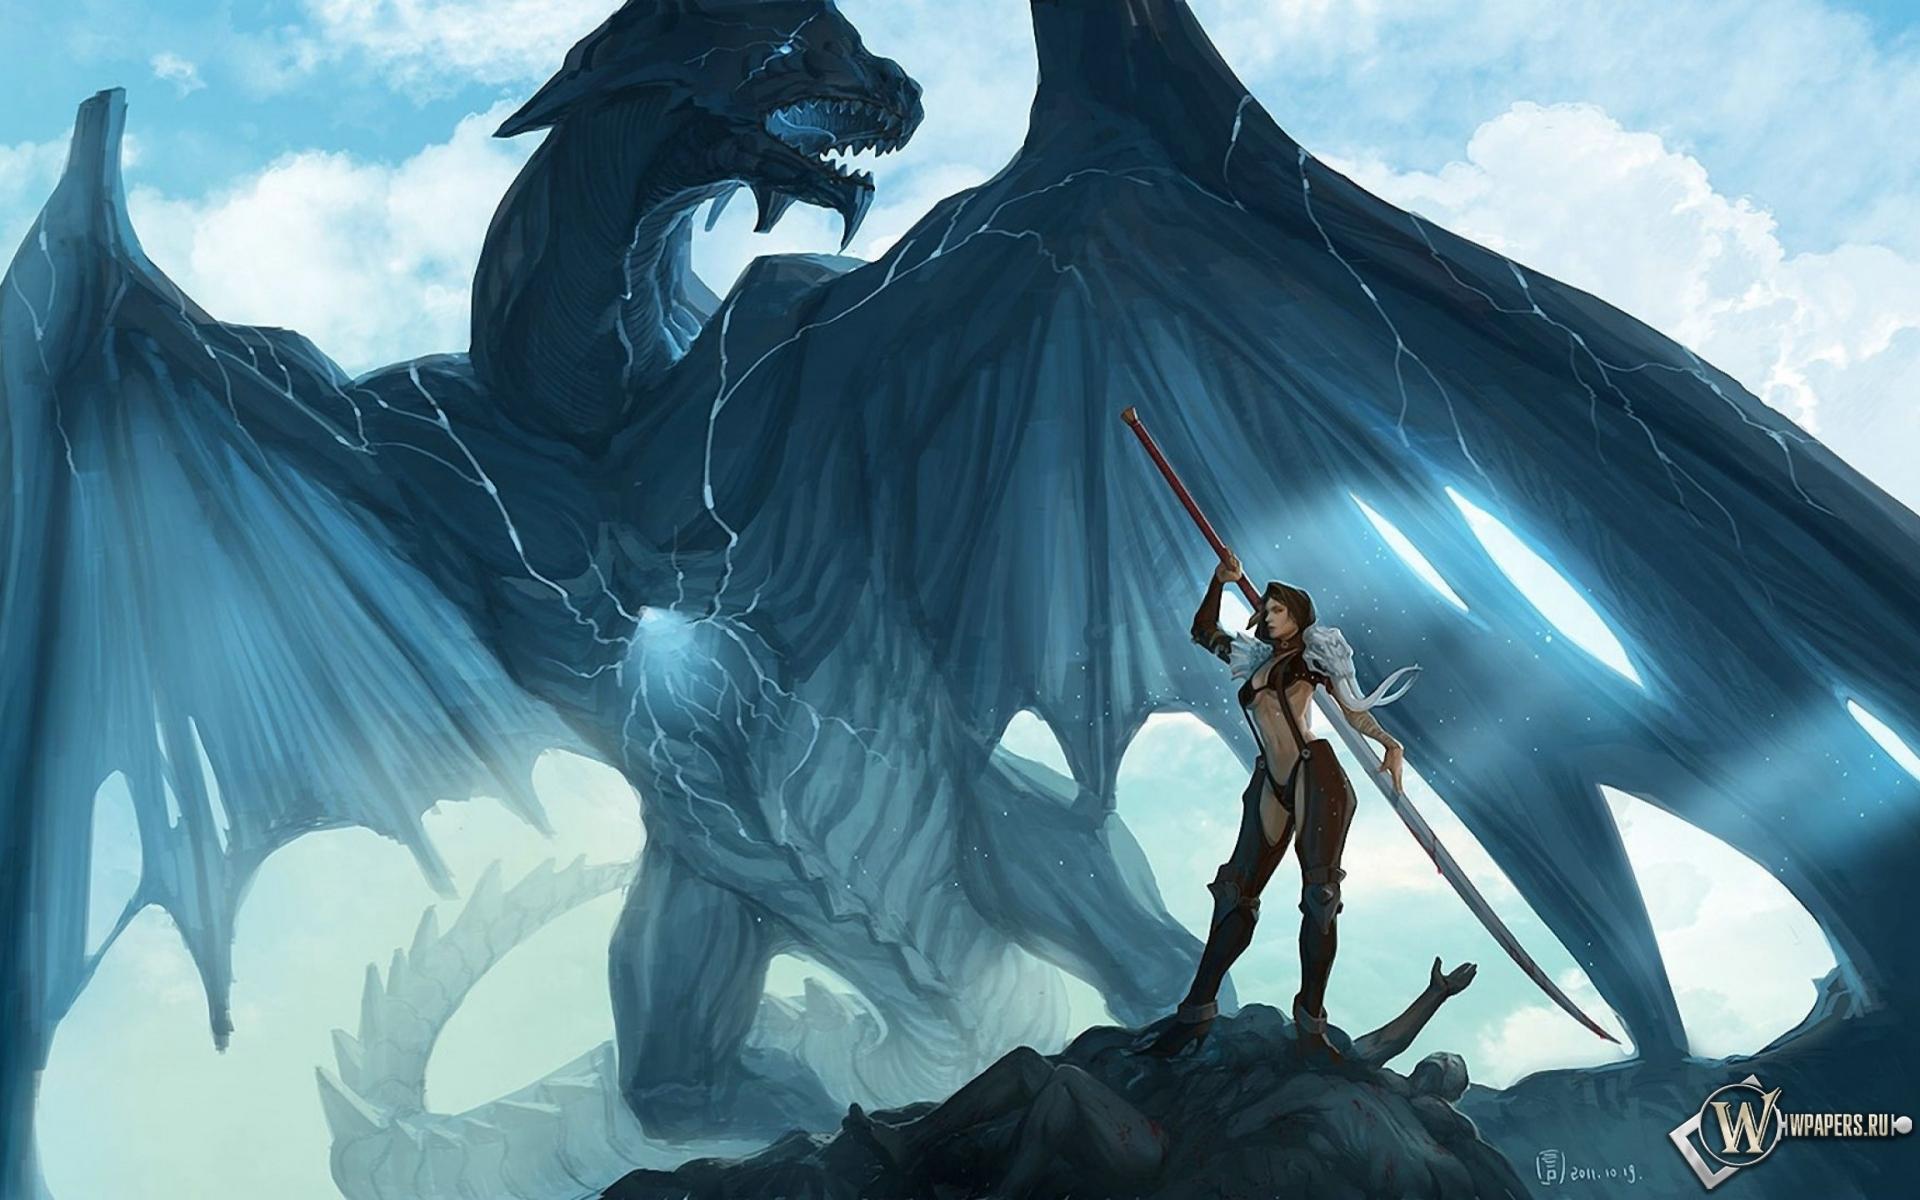 Обои на рабочий стол с драконом скачать бесплатно